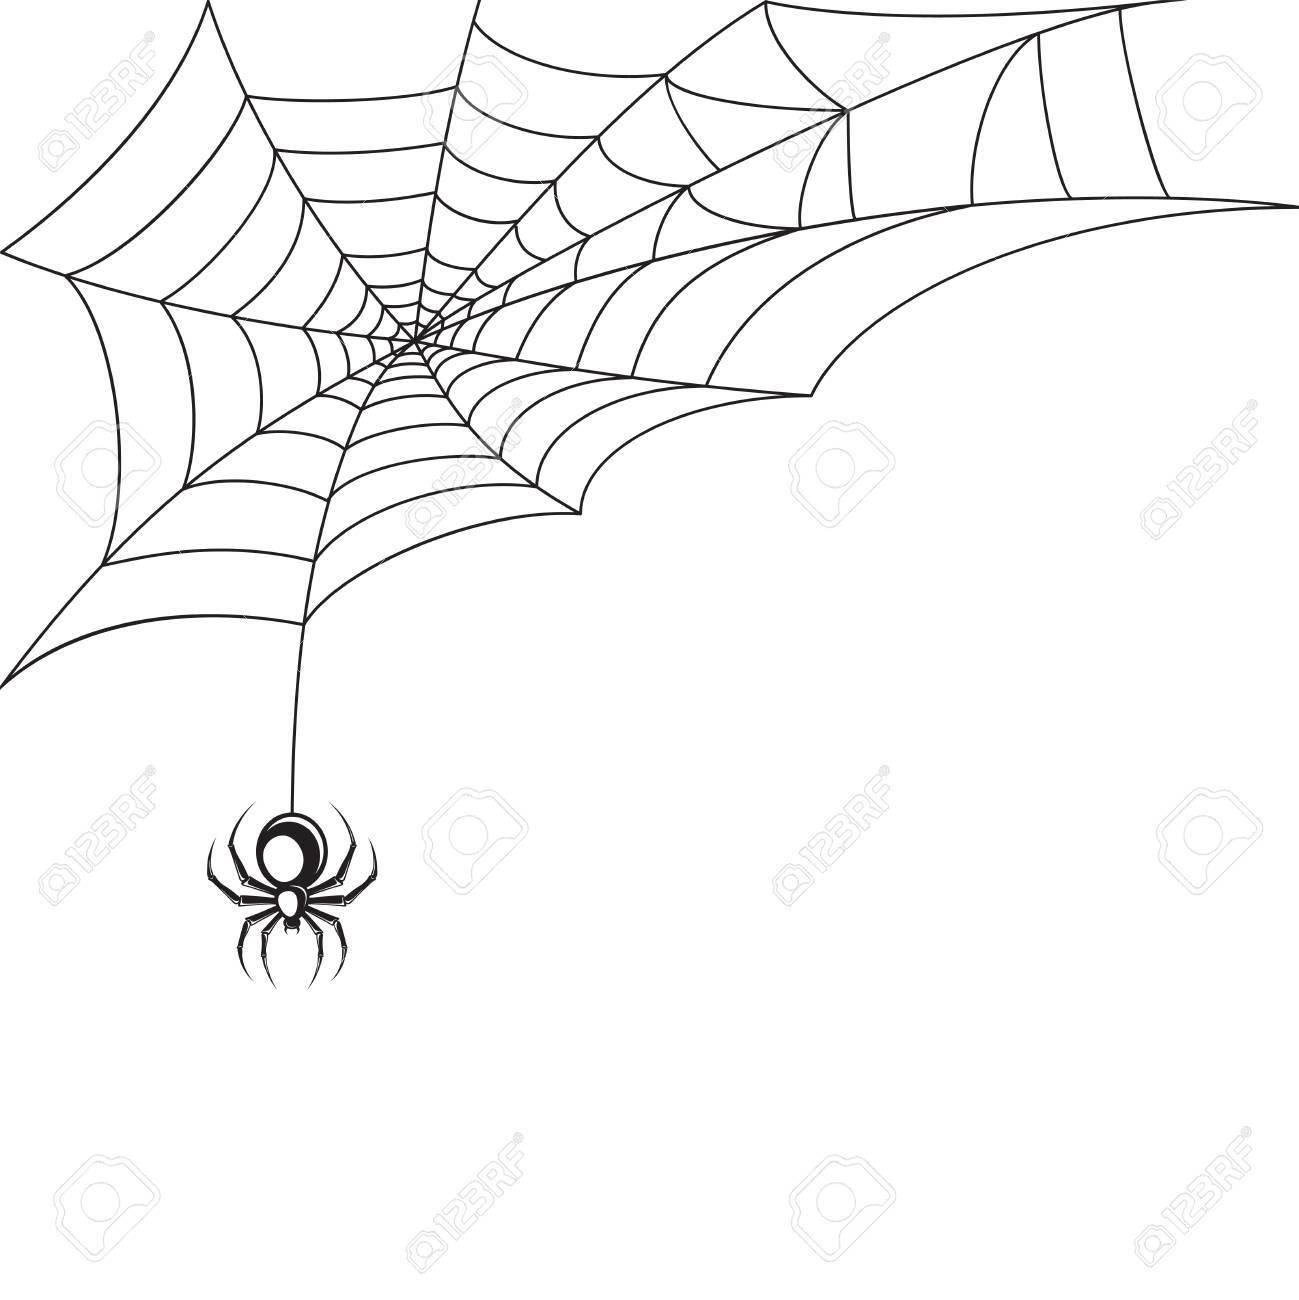 毒蜘蛛の巣ハロウィンのシンボルの壁紙テンプレート ベクトル イラストの